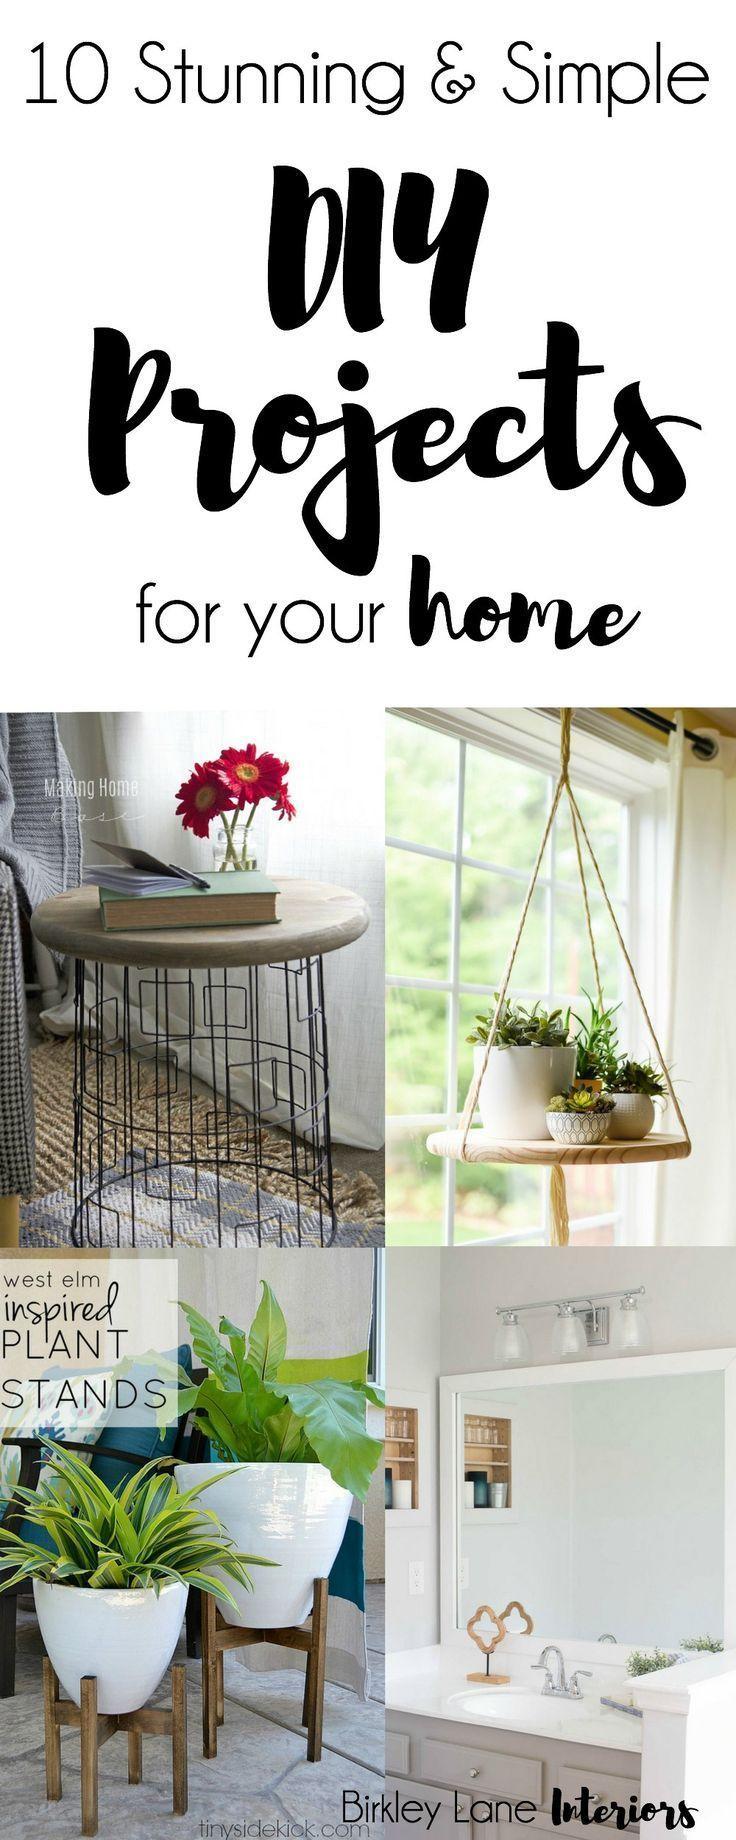 Simple diy room decorations diy home decor diy crafts diy room decor diy projects diy